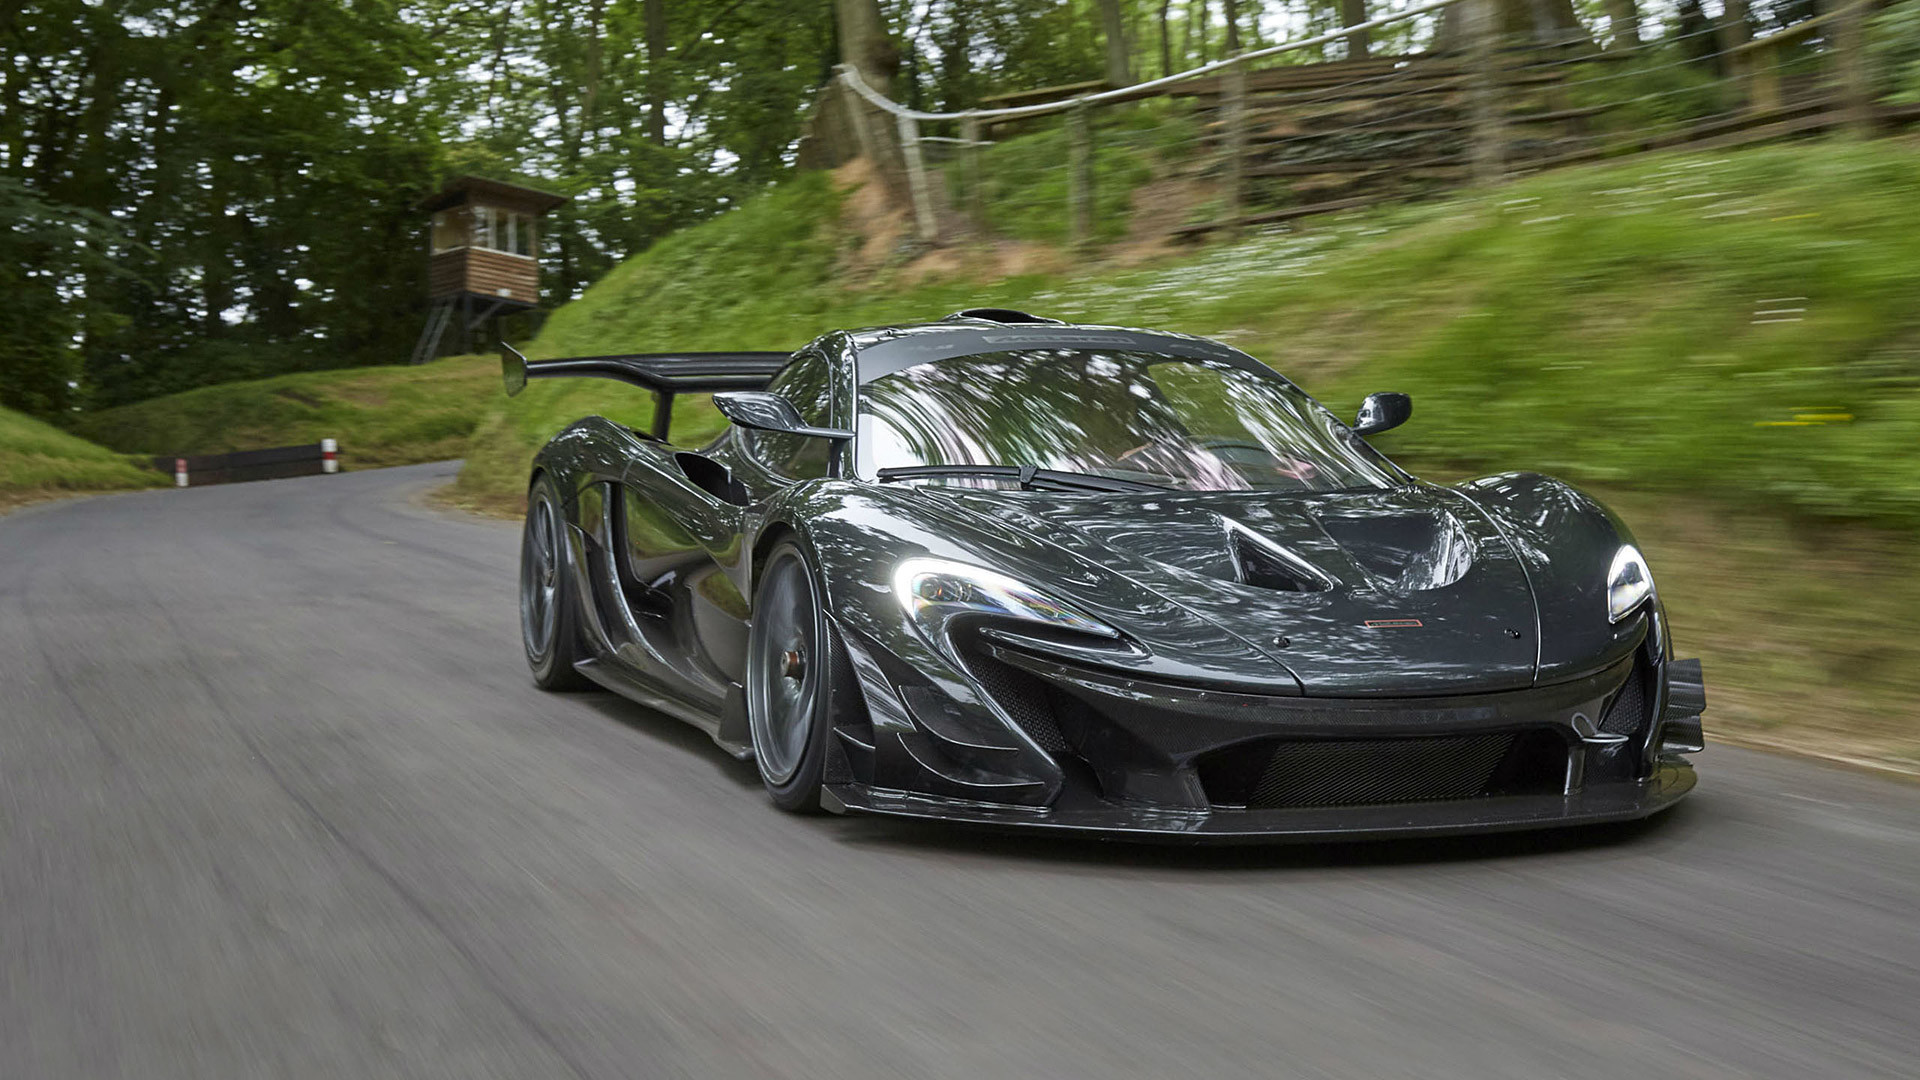 Res: 1920x1080, 2016 McLaren P1 LM picture